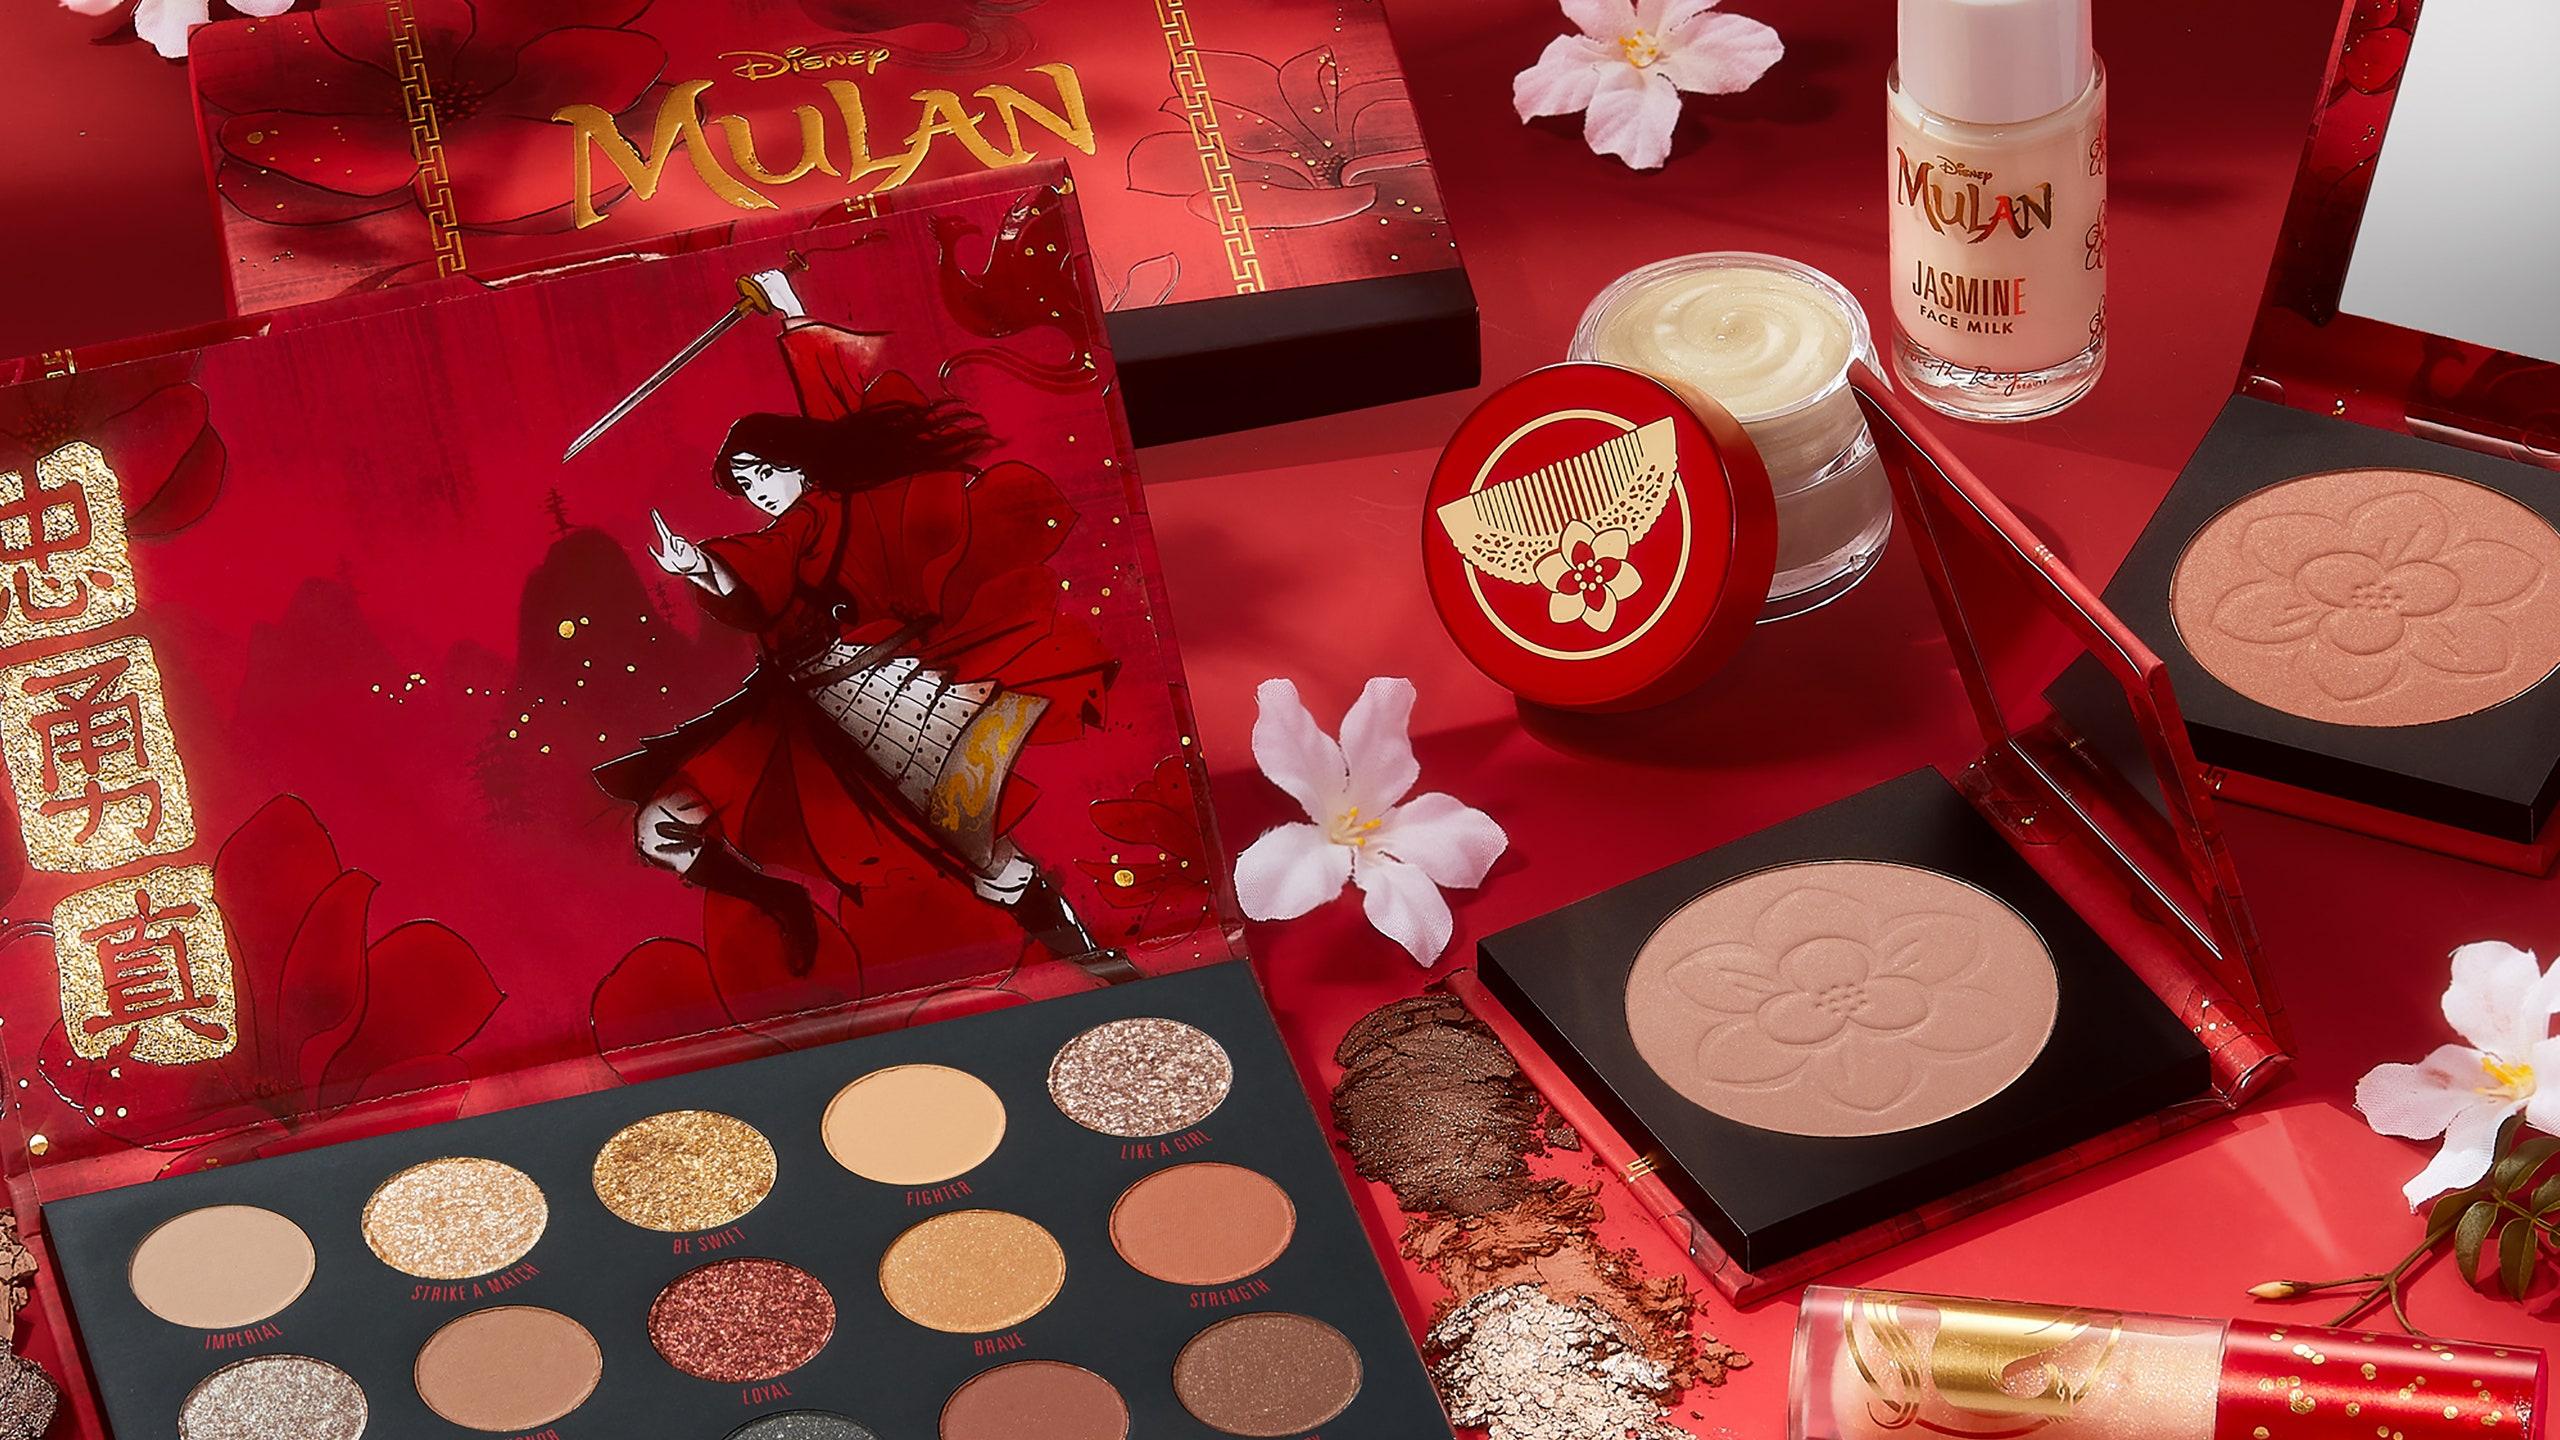 ColourPop tung bộ sưu tập mỹ phẩm bắt tay với bom tấn 'Mulan'